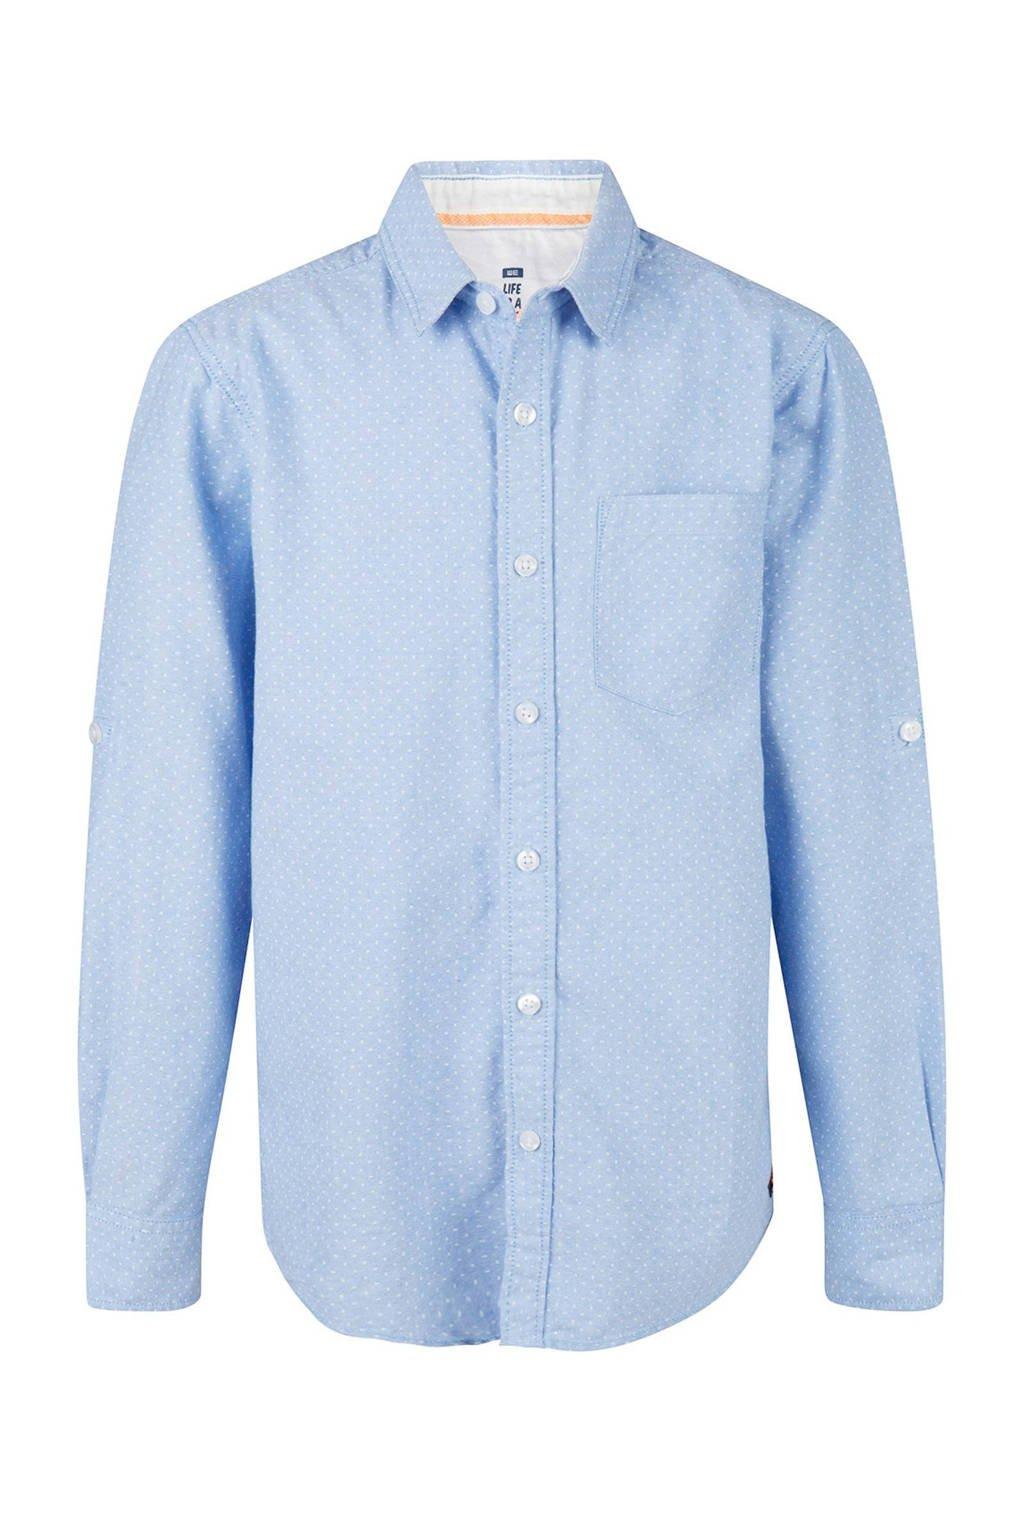 WE Fashion overhemd met grafischeprint blauw, Lichtblauw